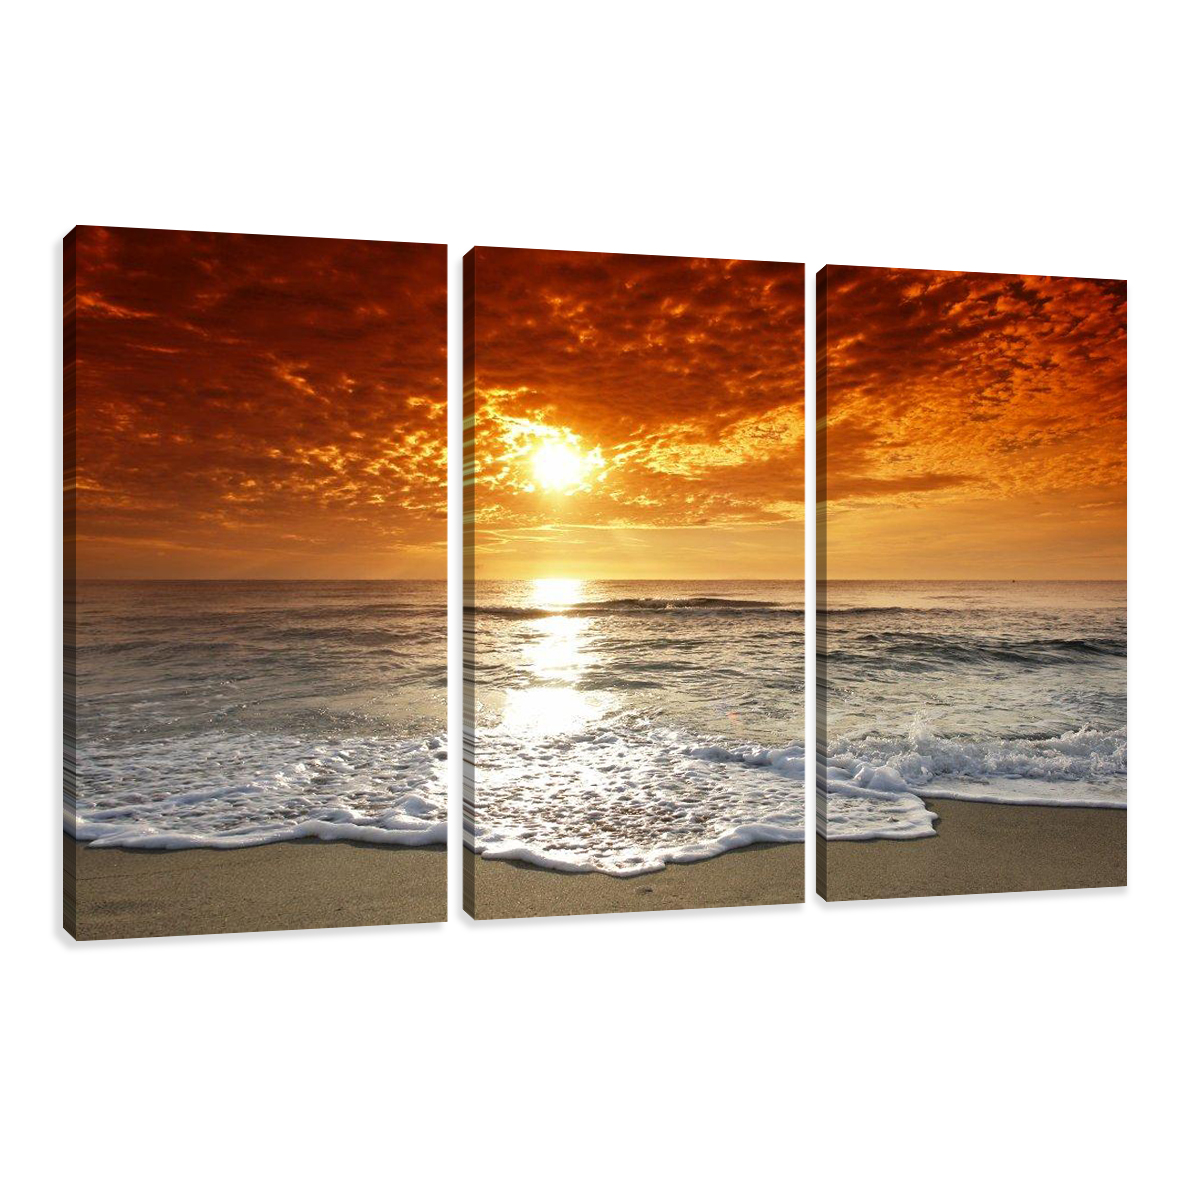 leinwand wandbilder verschiedene bilder motive 160 x 90 cm dreiteilig c1 ebay. Black Bedroom Furniture Sets. Home Design Ideas